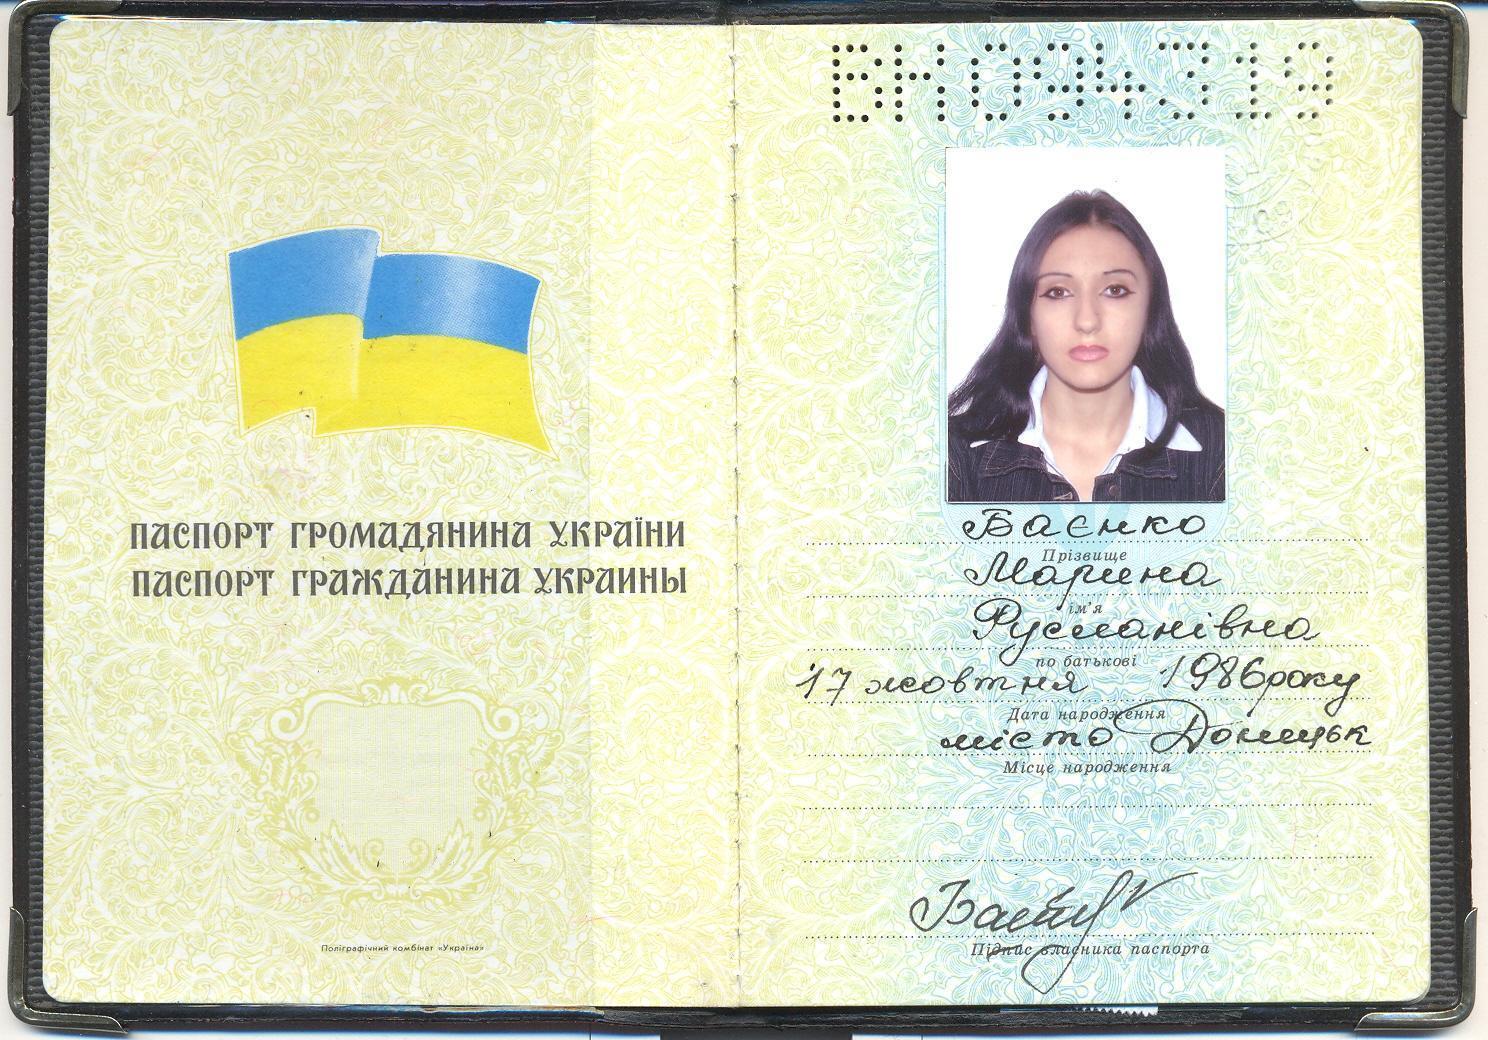 Заграничный паспорт фото в платке 4